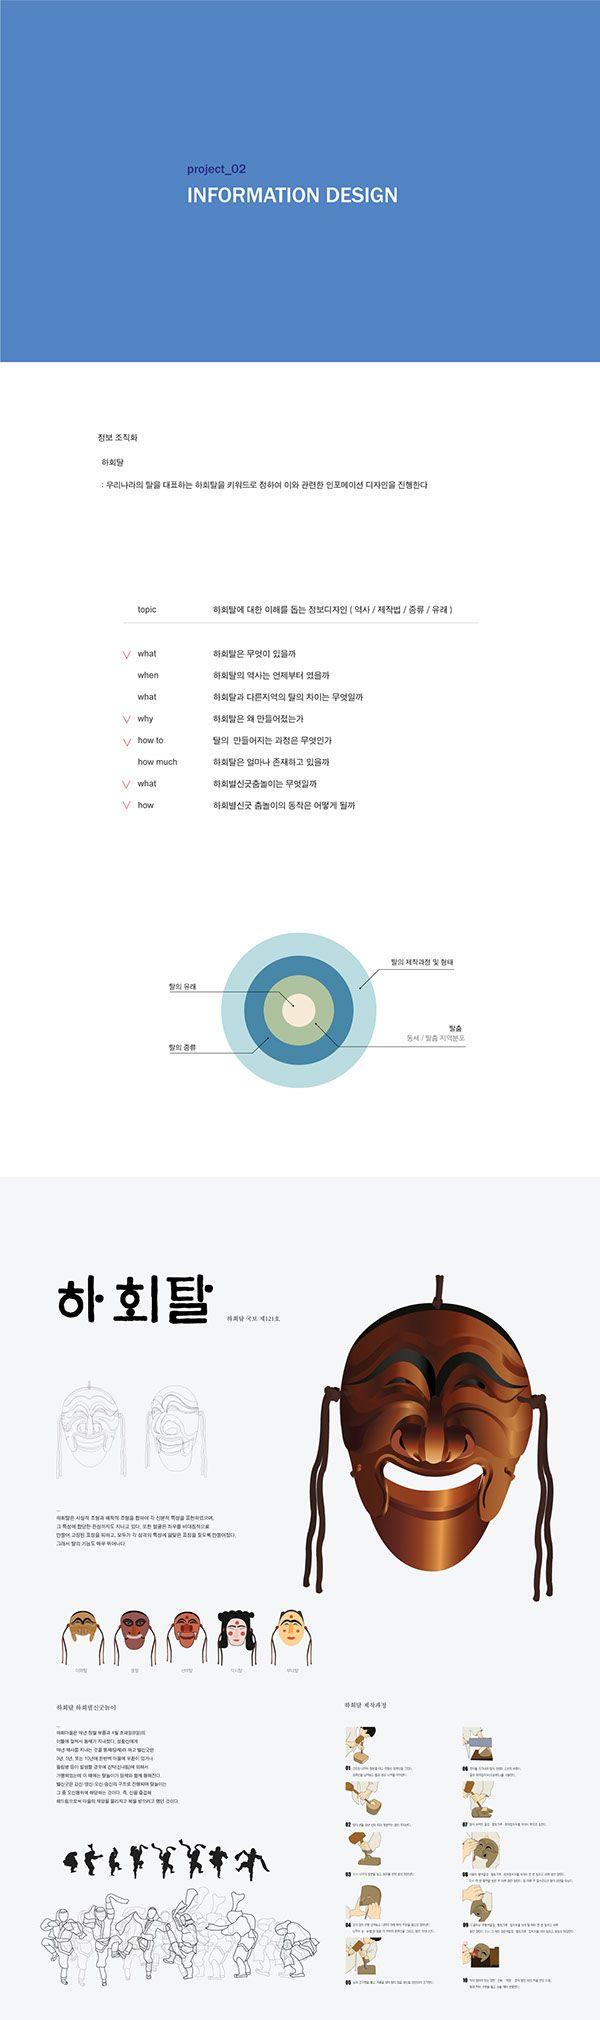 김지은│ Information Design 2014│ Dept. of Digital Media Design │#hicoda │hicoda.hongik.ac.kr